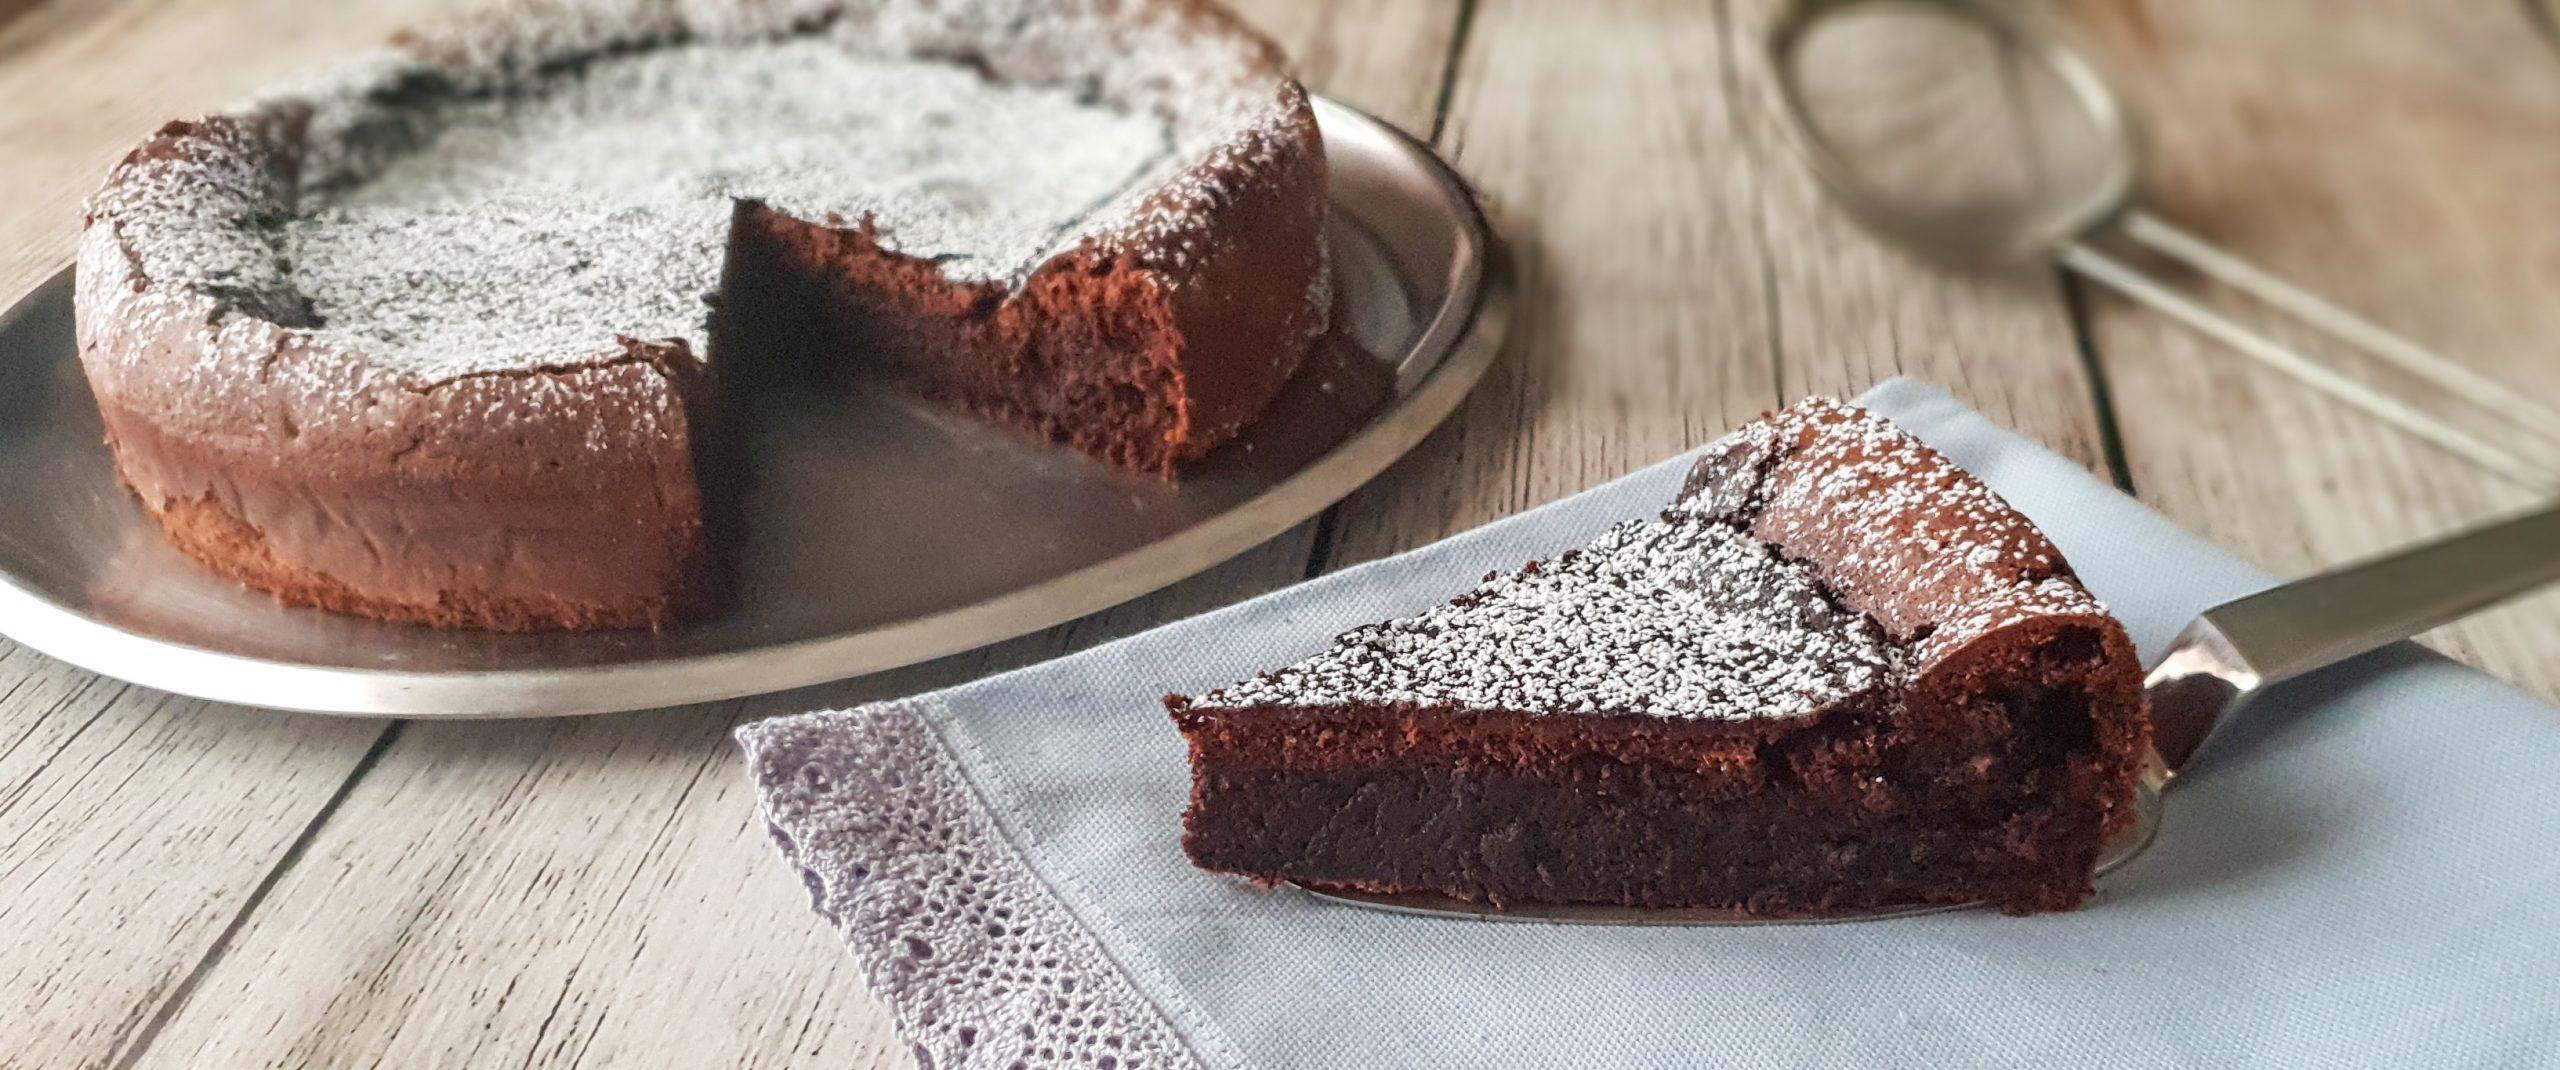 torta al cioccolato all'olio di oliva